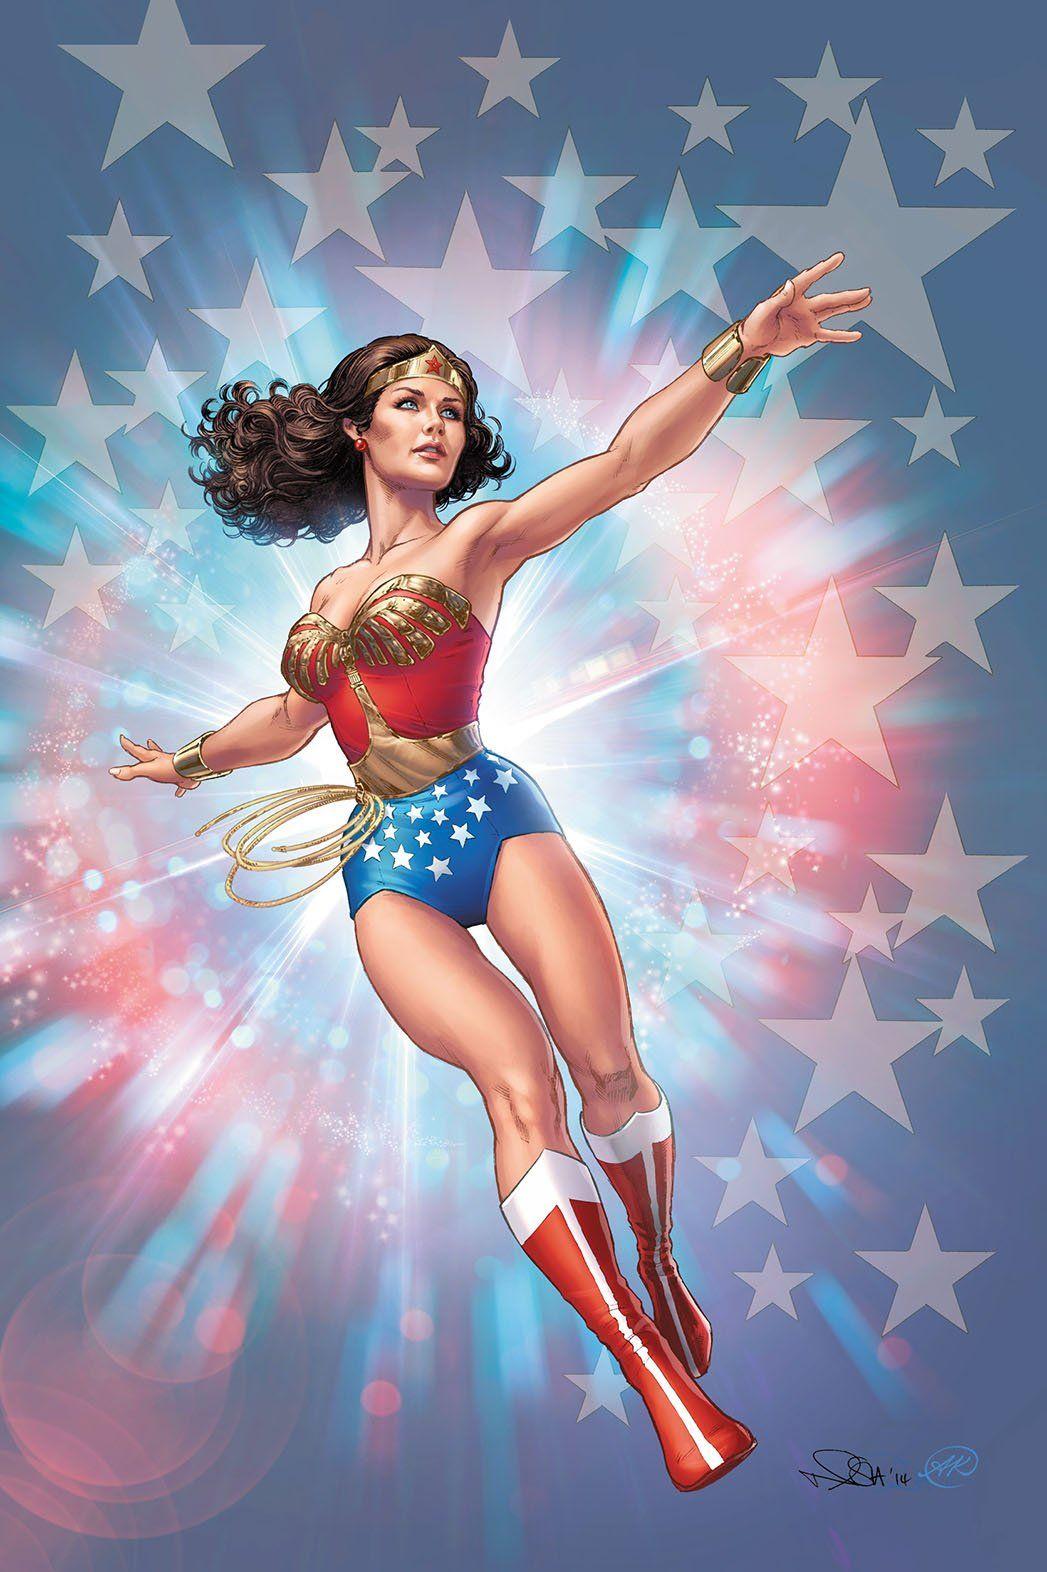 Dc Entertainment Announces Wonder Woman 77 Digital Comic Wonder Woman Comic Wonder Woman Wonder Woman Art